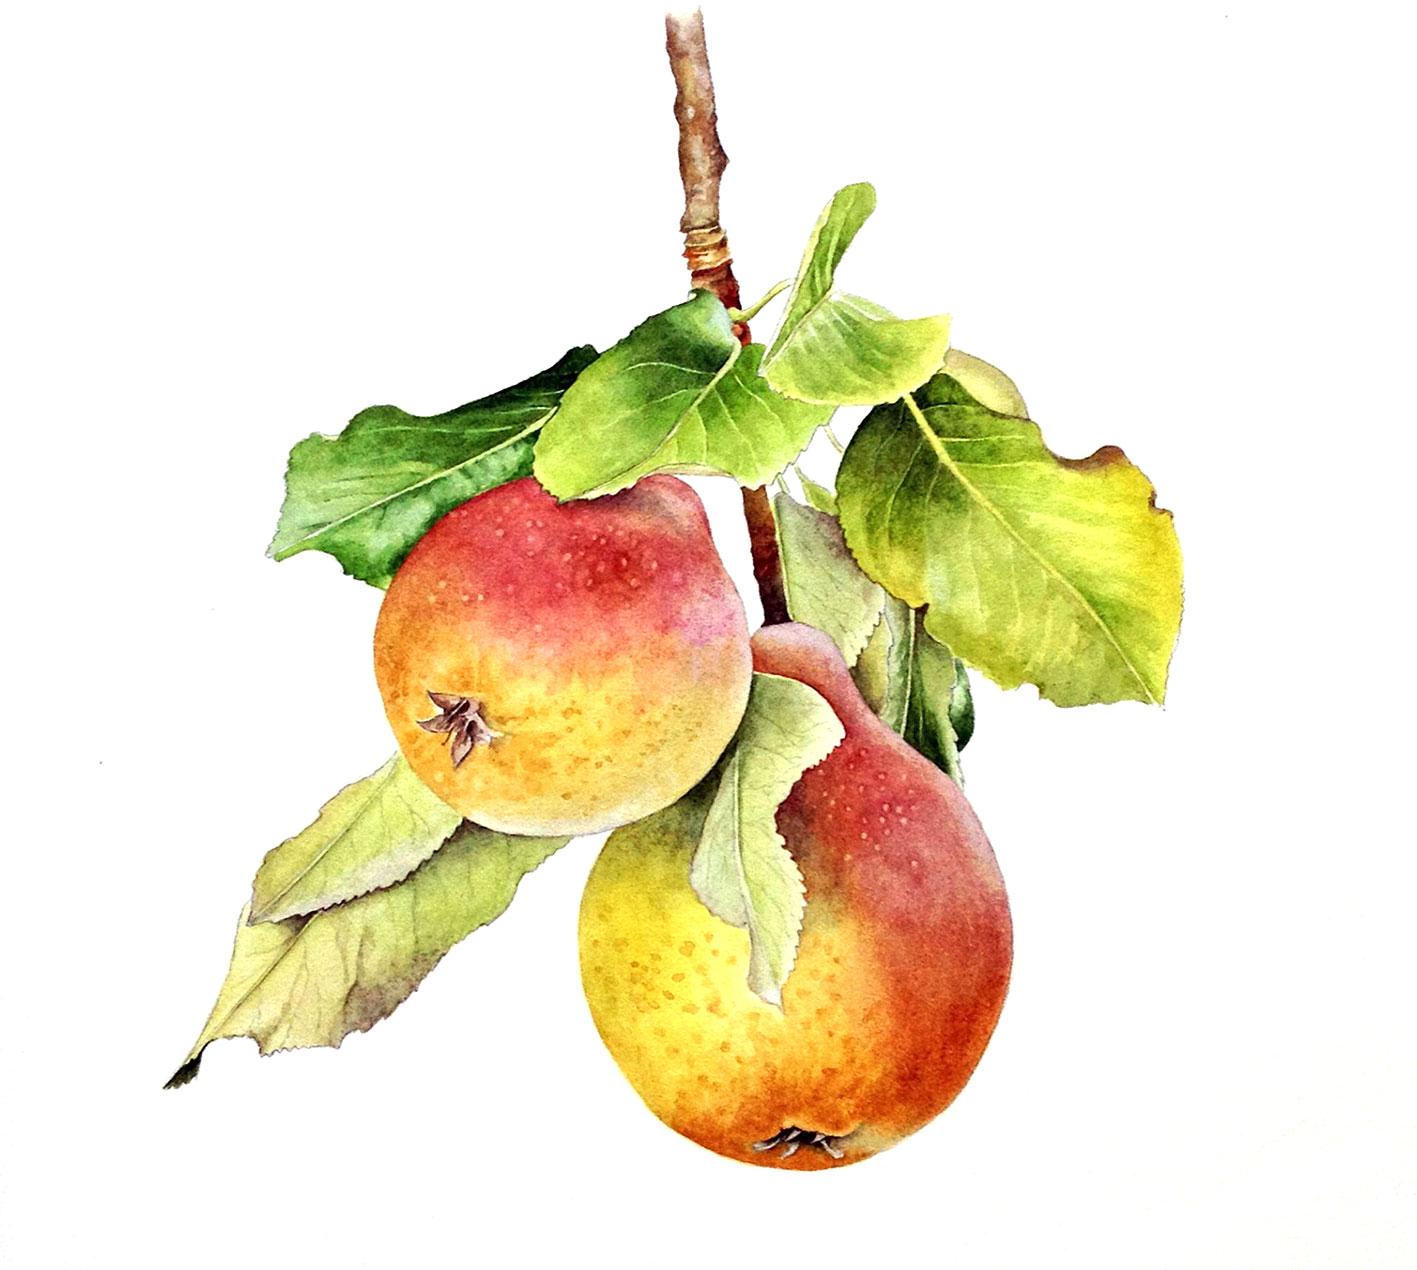 具有巨大的躯干和发达的树冠,由于他们的庞大尺寸,这些梨树常会被用作